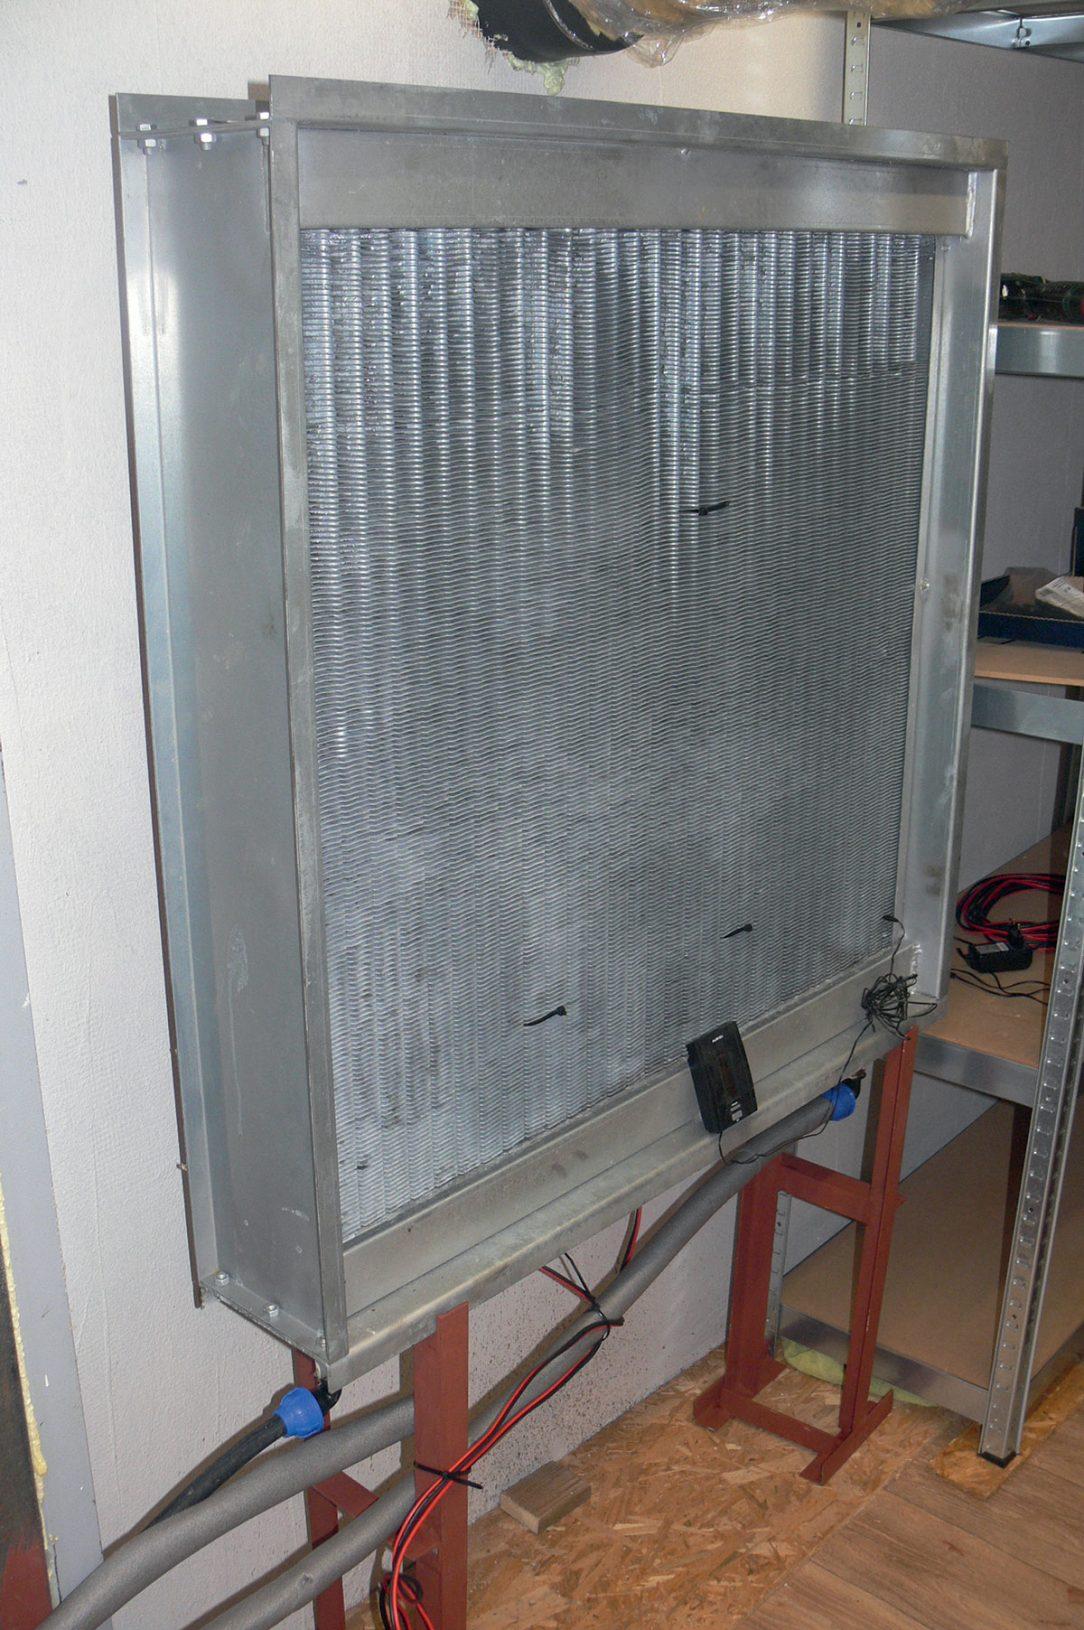 Obr. 1 Výmenník tepla na chladenie studňovou vodou